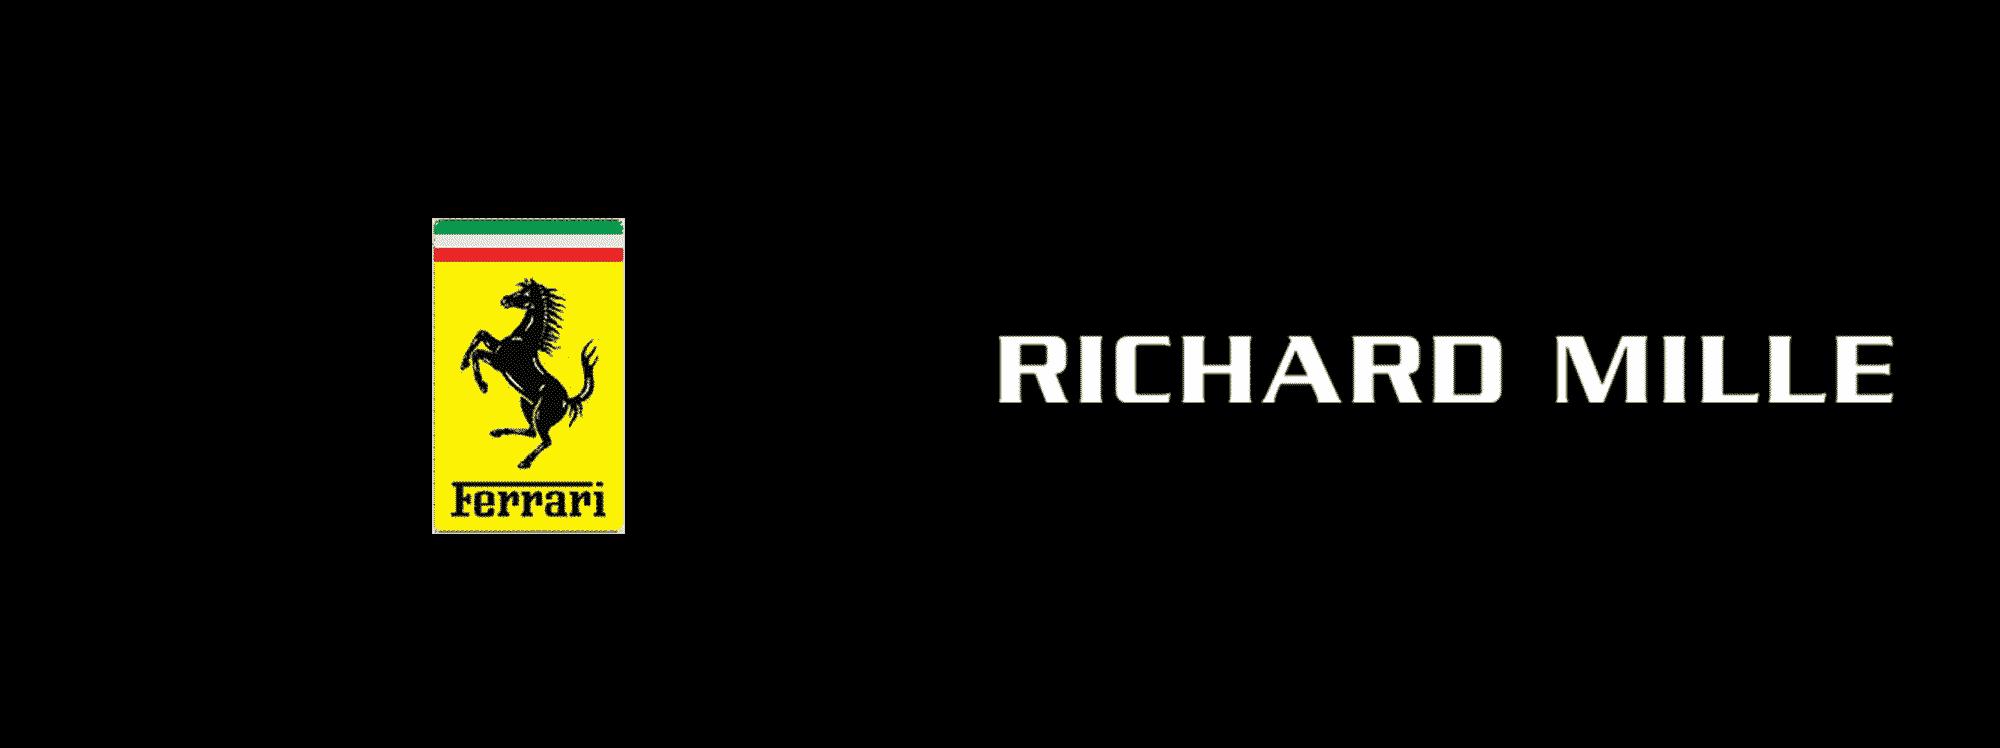 Ferrari une fuerzas con Richard Mille en una nueva colaboración